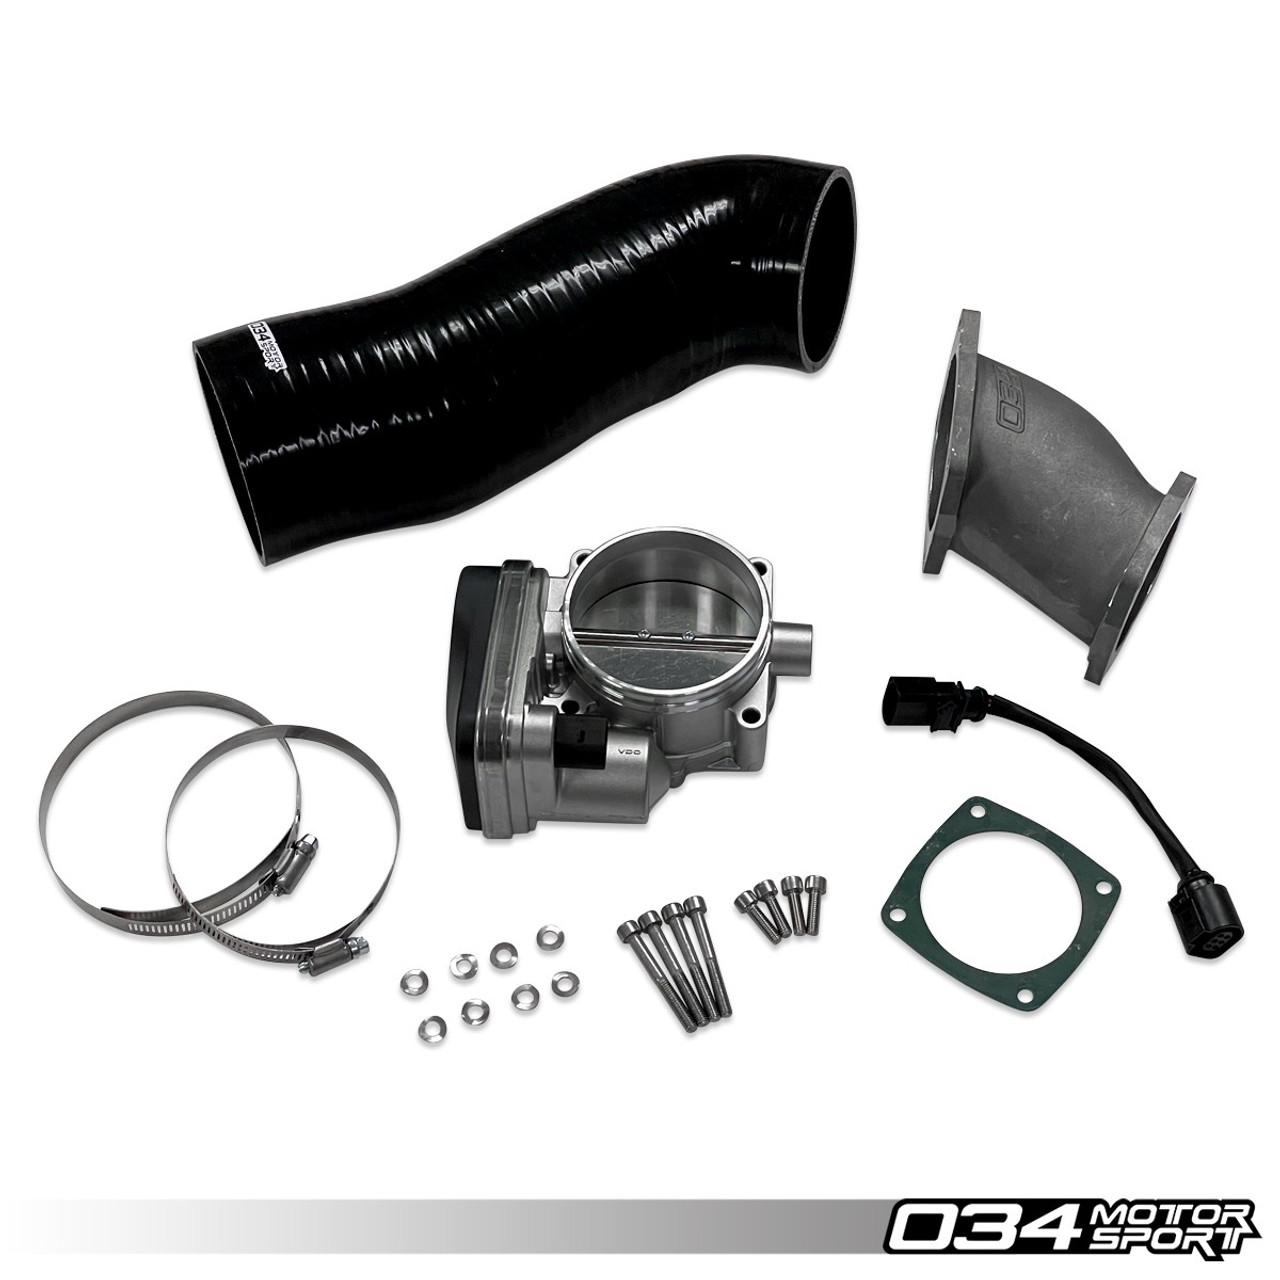 034Motorsport SüperDüper Charger 84mm Throttle Body System for B8 3.0T